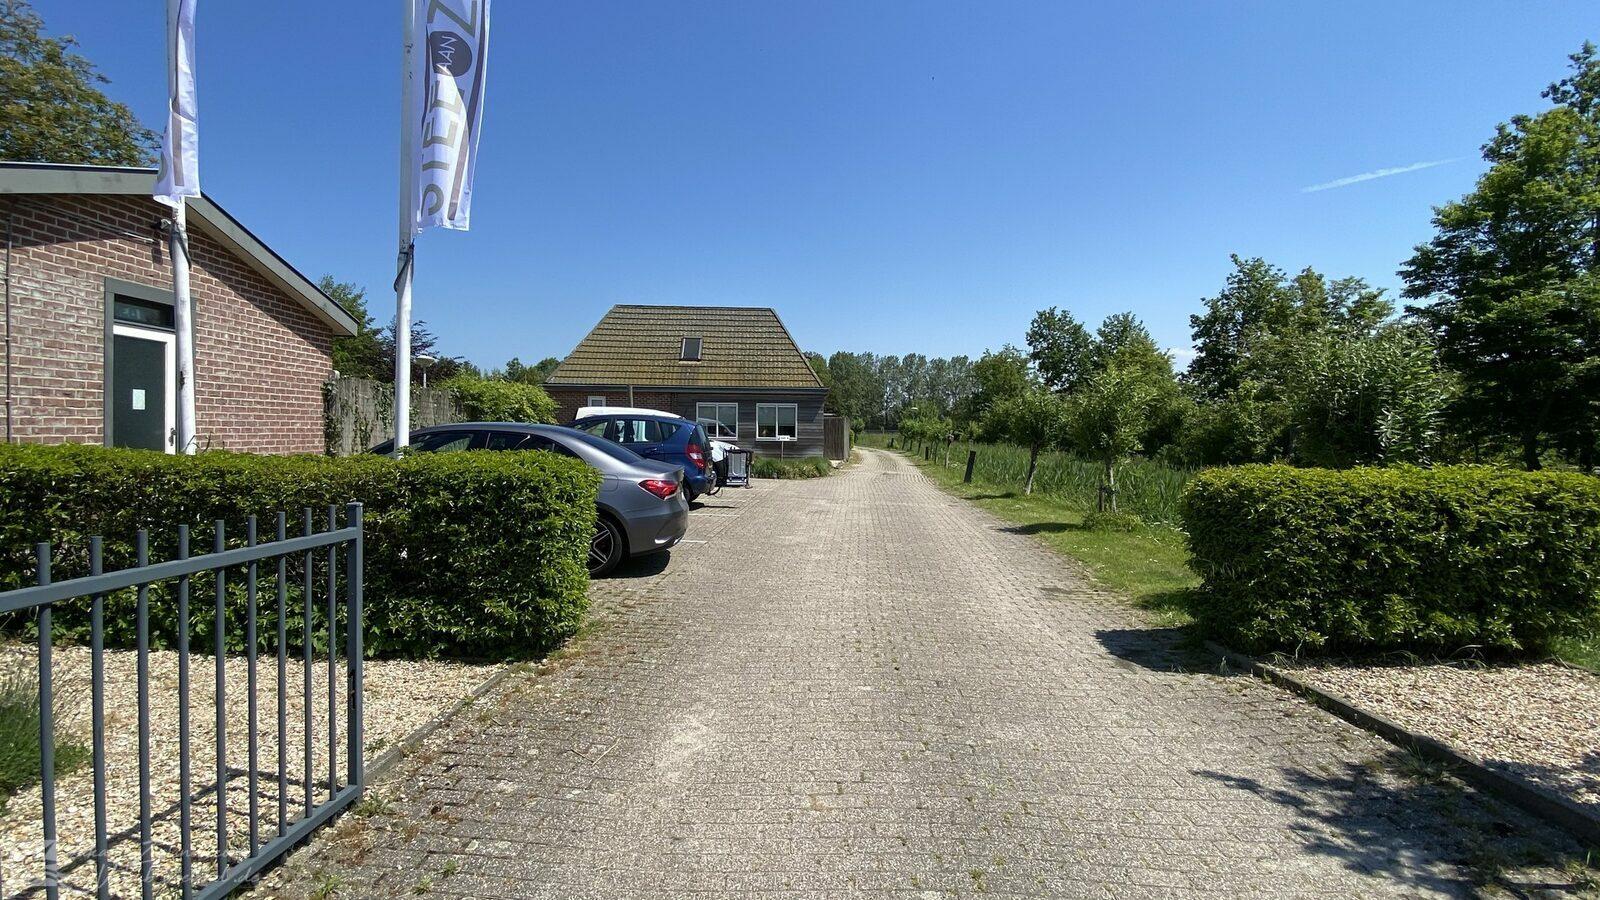 VZ1003  holiday home in Serooskerke